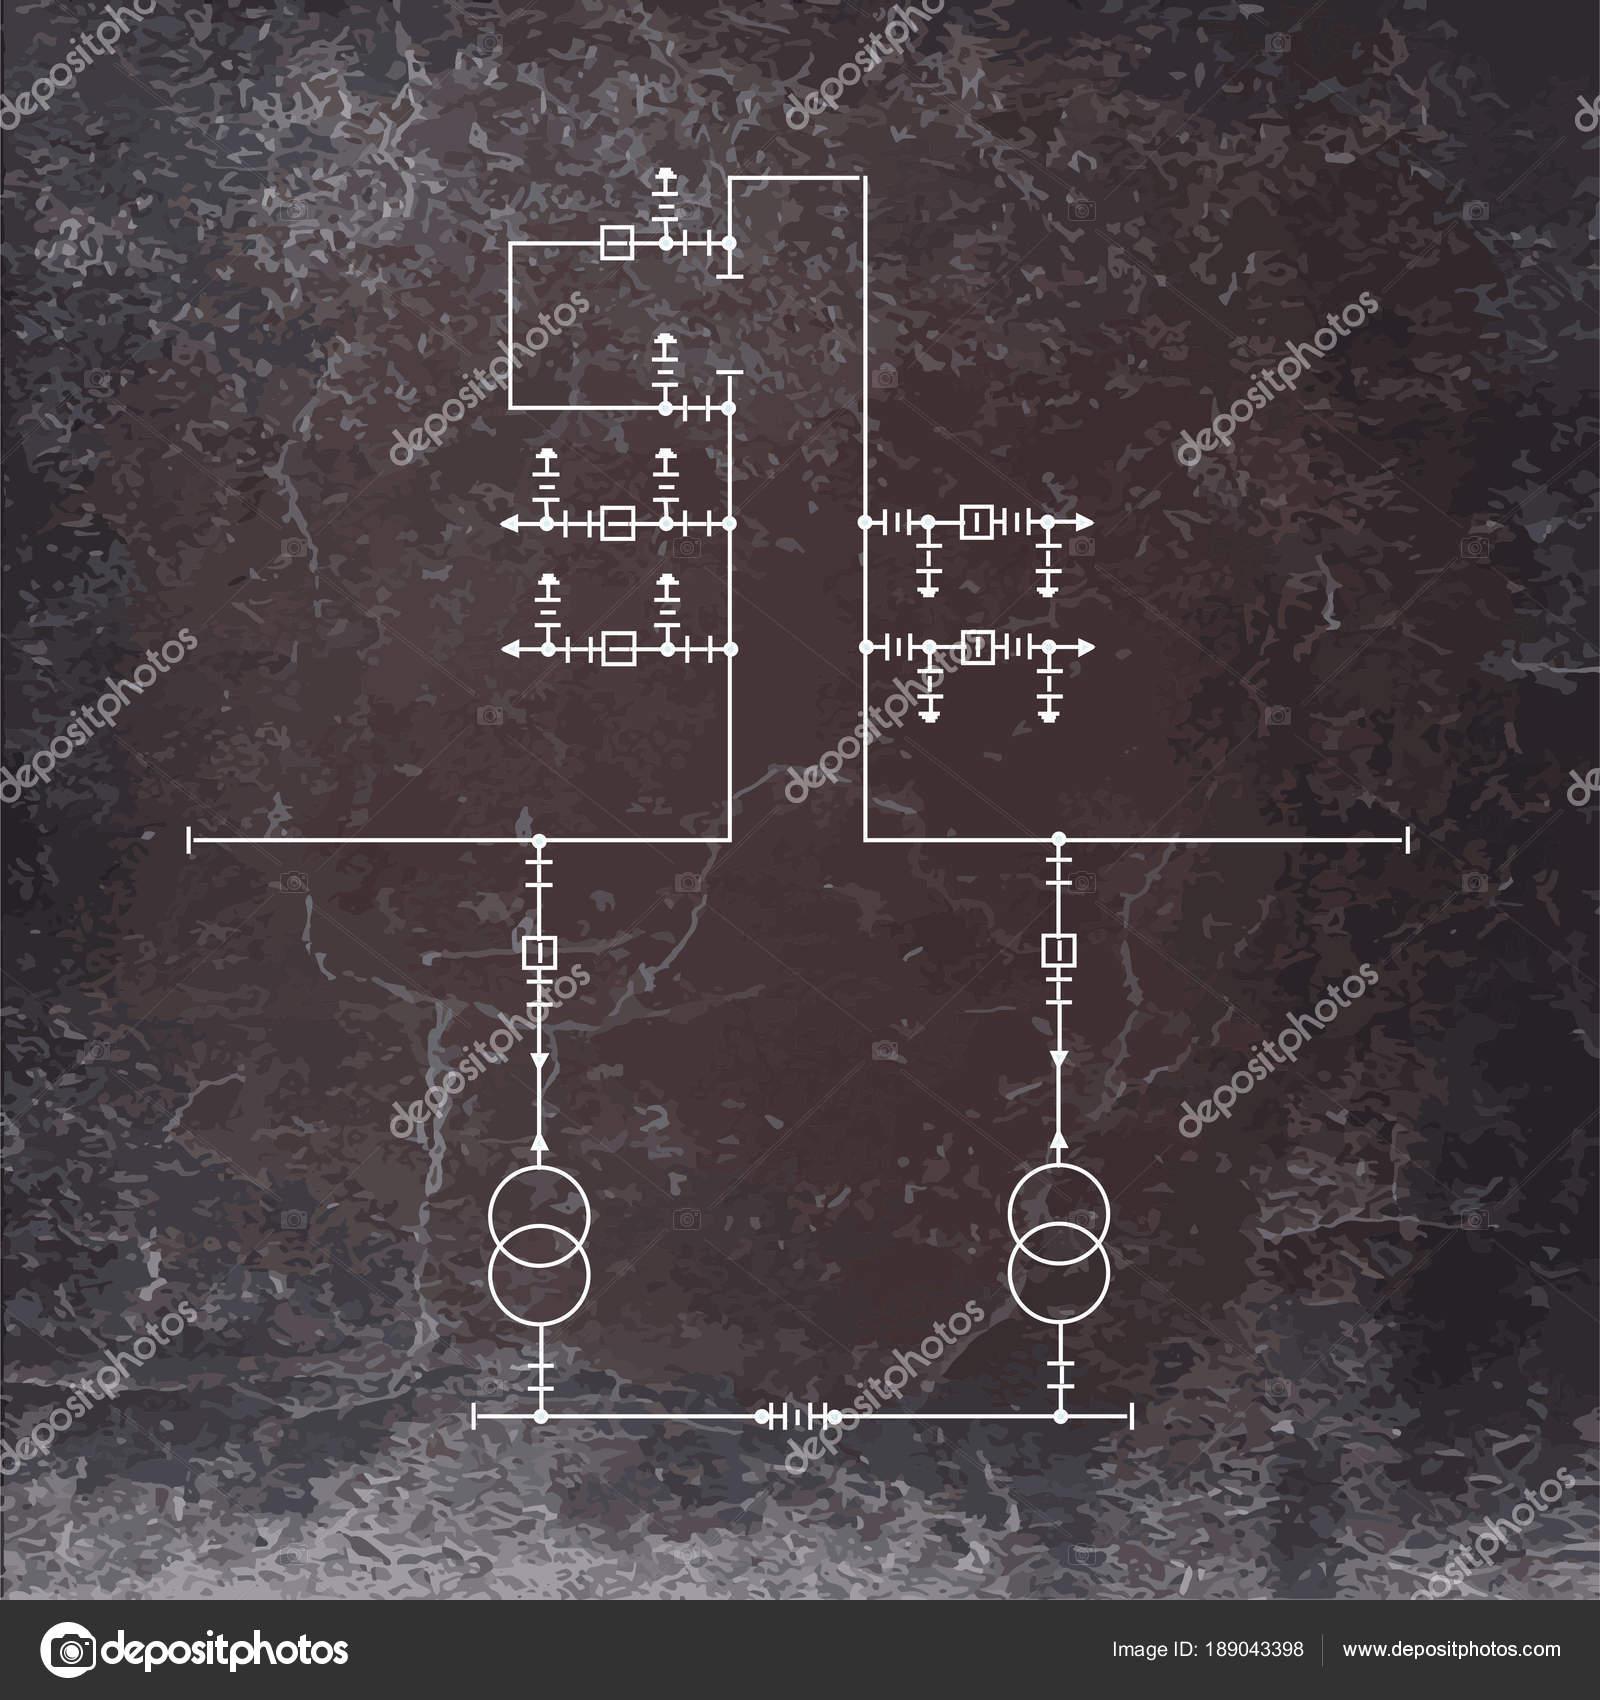 Elektrischer Schaltplan Für Leistungstransformatoren — Stockvektor ...